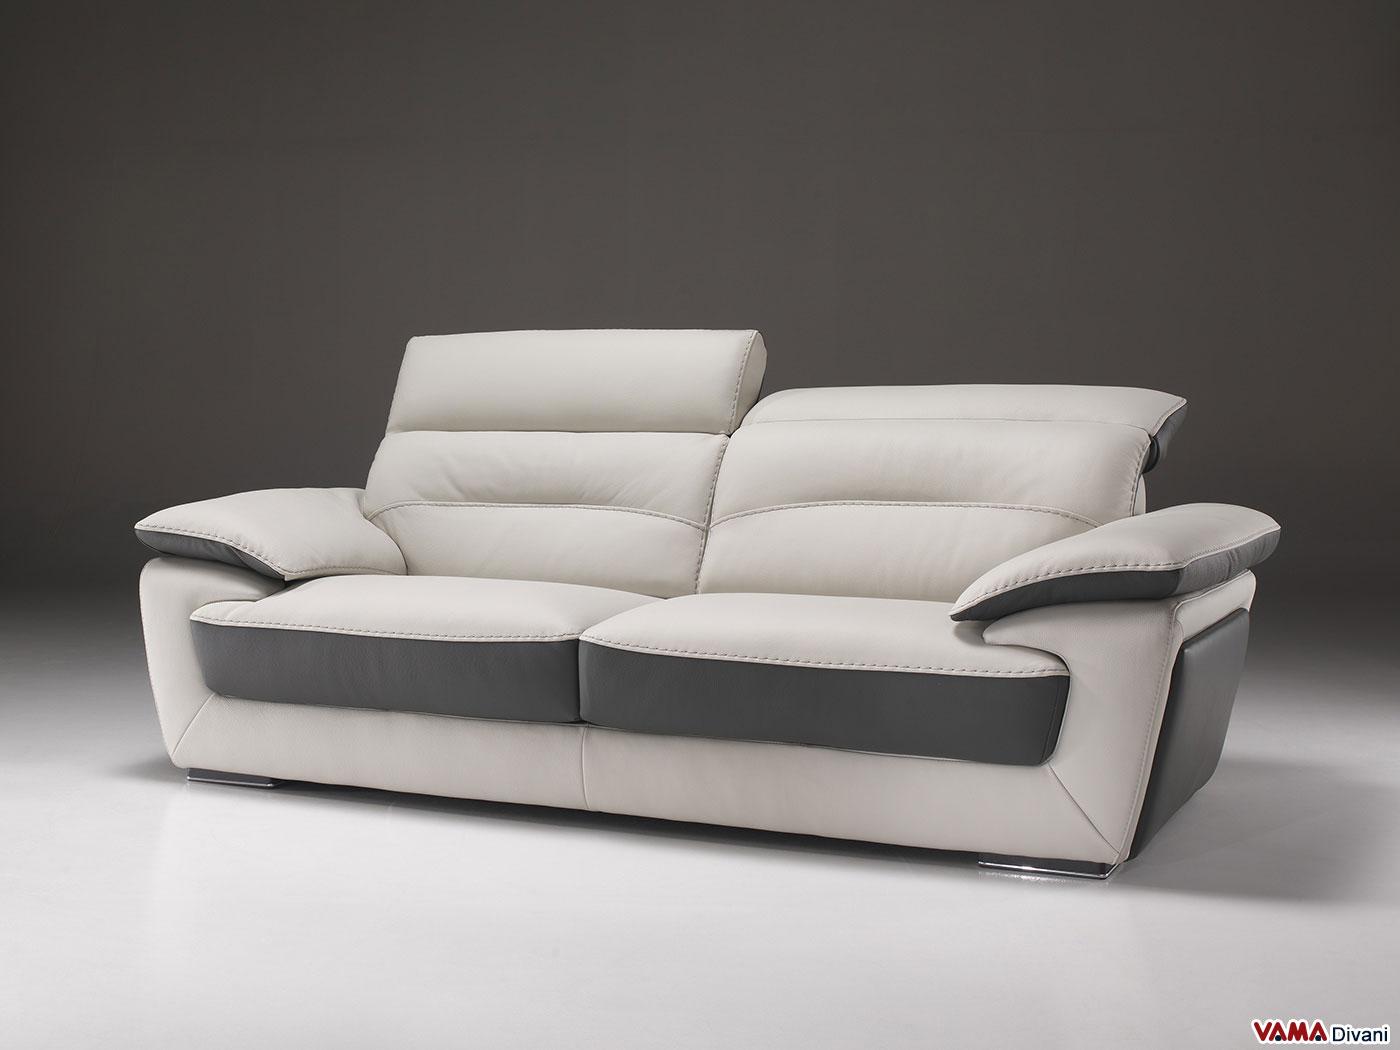 Soggiorno Con Divano Angolare: Divani letto design moderno ...